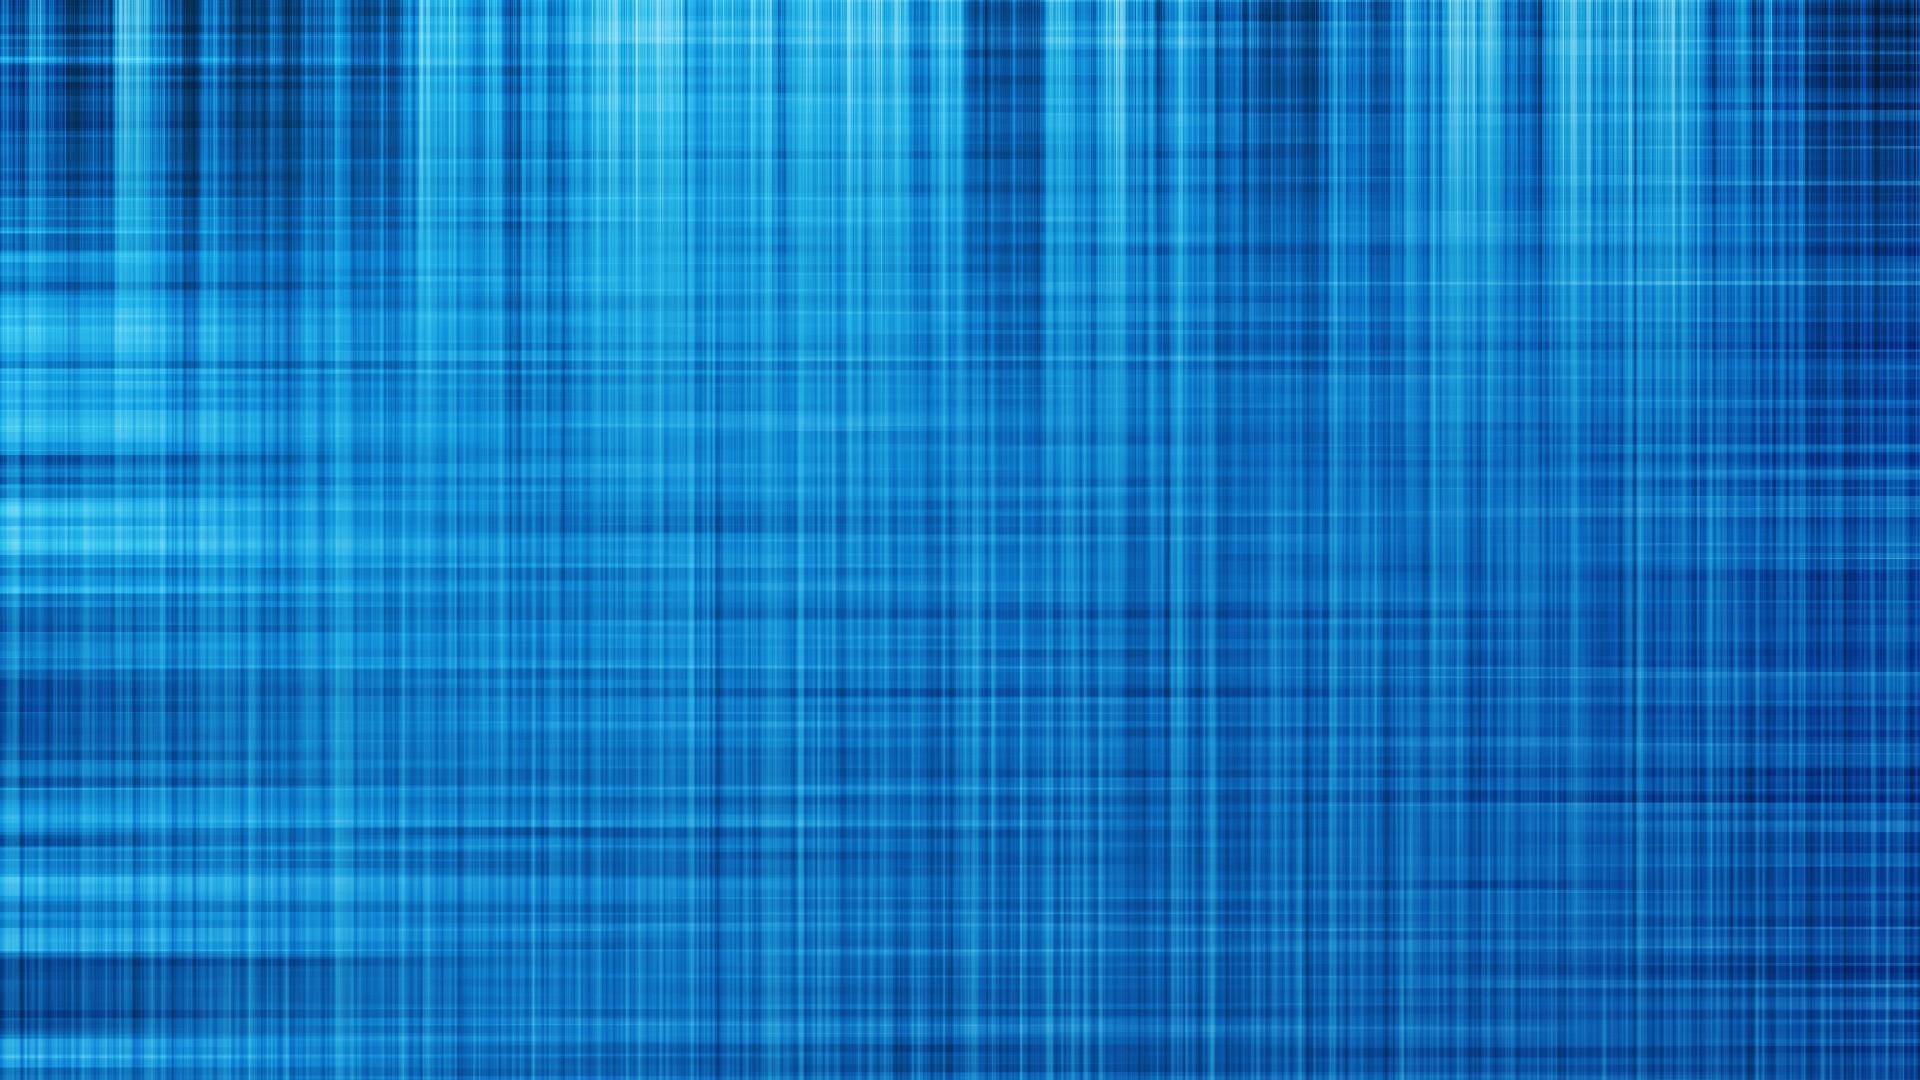 Hd Autumn Desktop Wallpaper Blue Textured Wallpapers Hd Pixelstalk Net